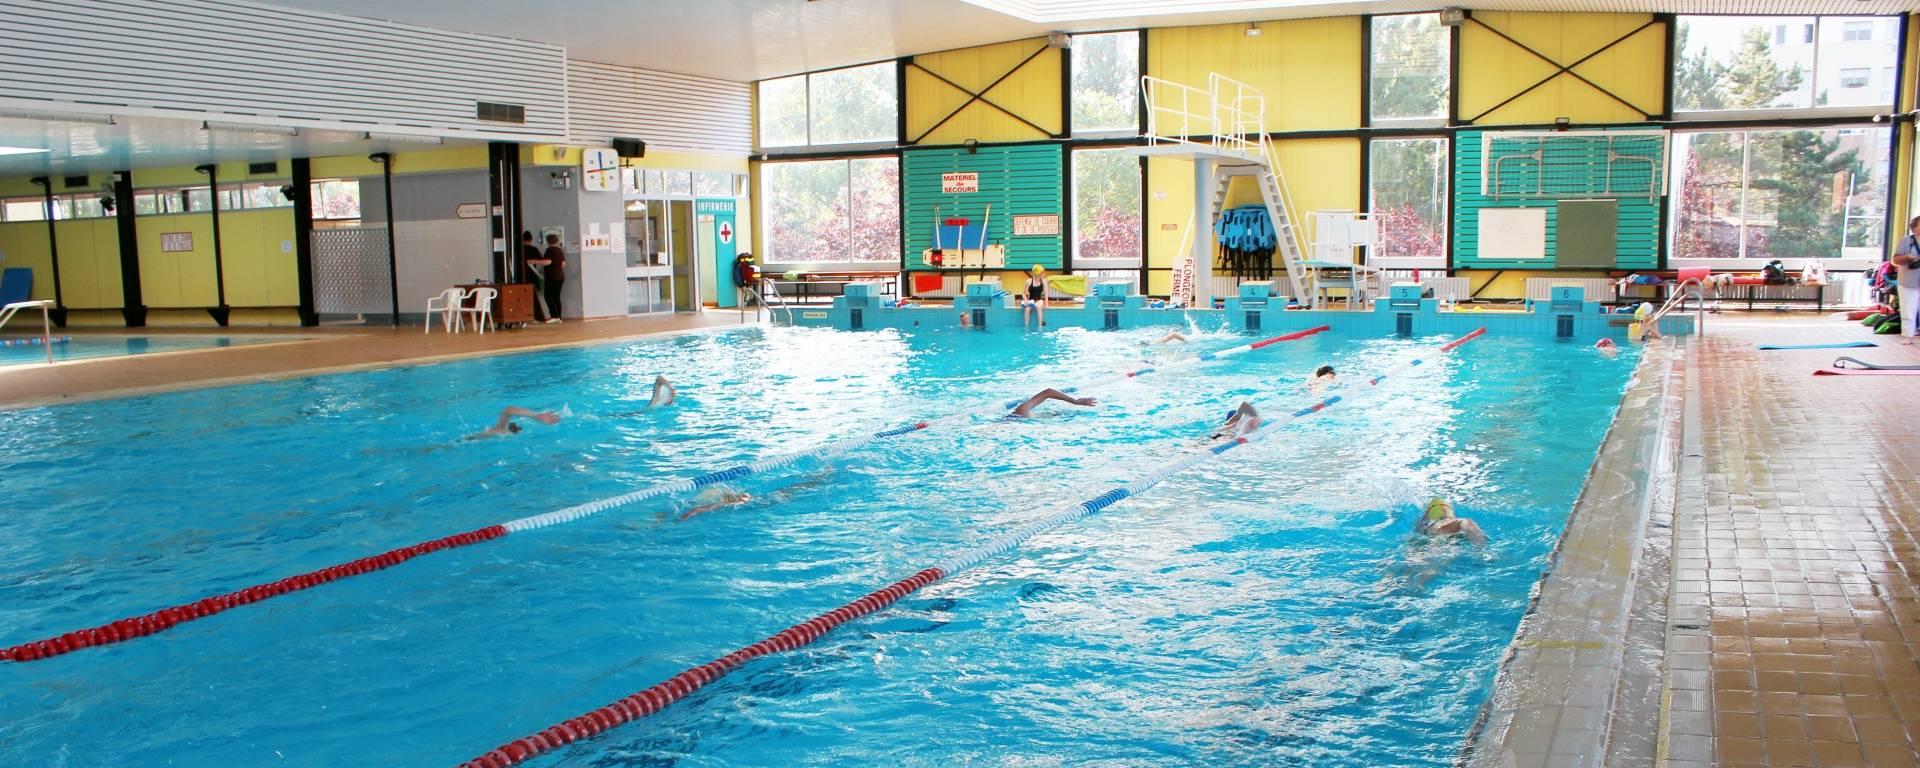 486851 illustration sport piscine 2